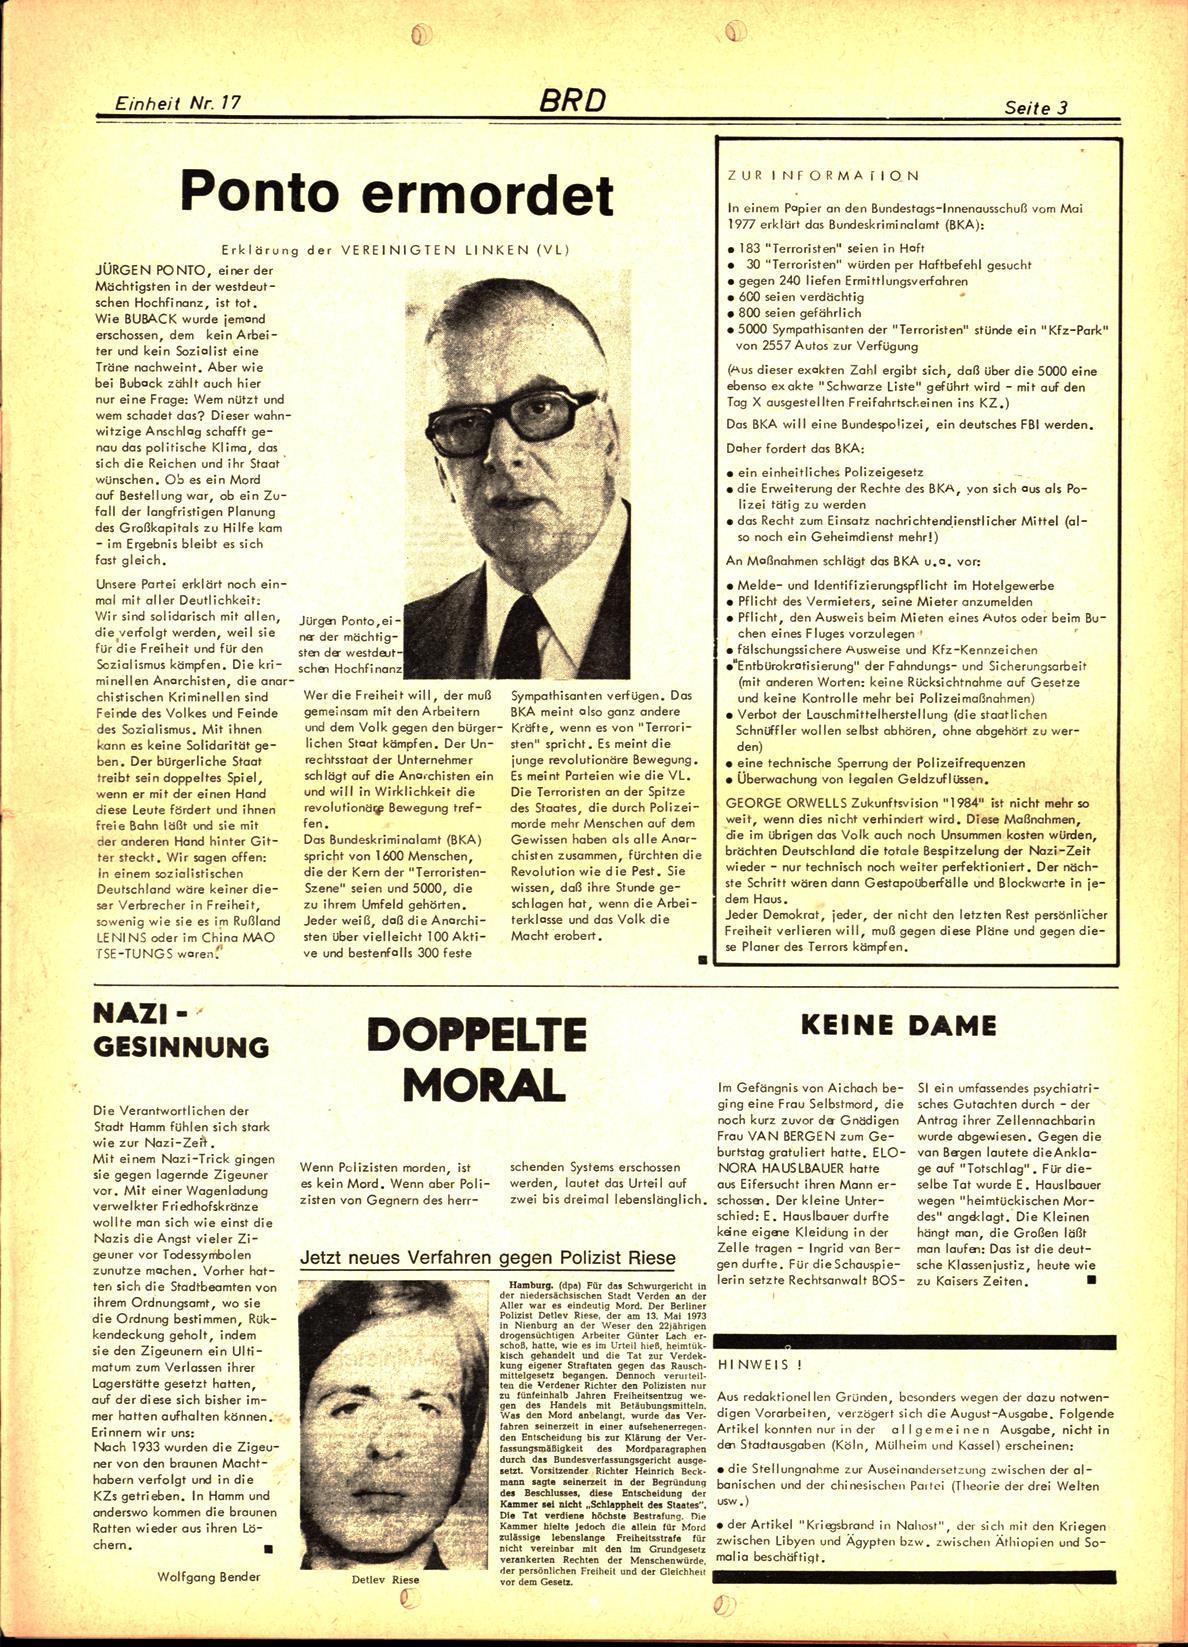 Koeln_IPdA_Einheit_1977_017_003